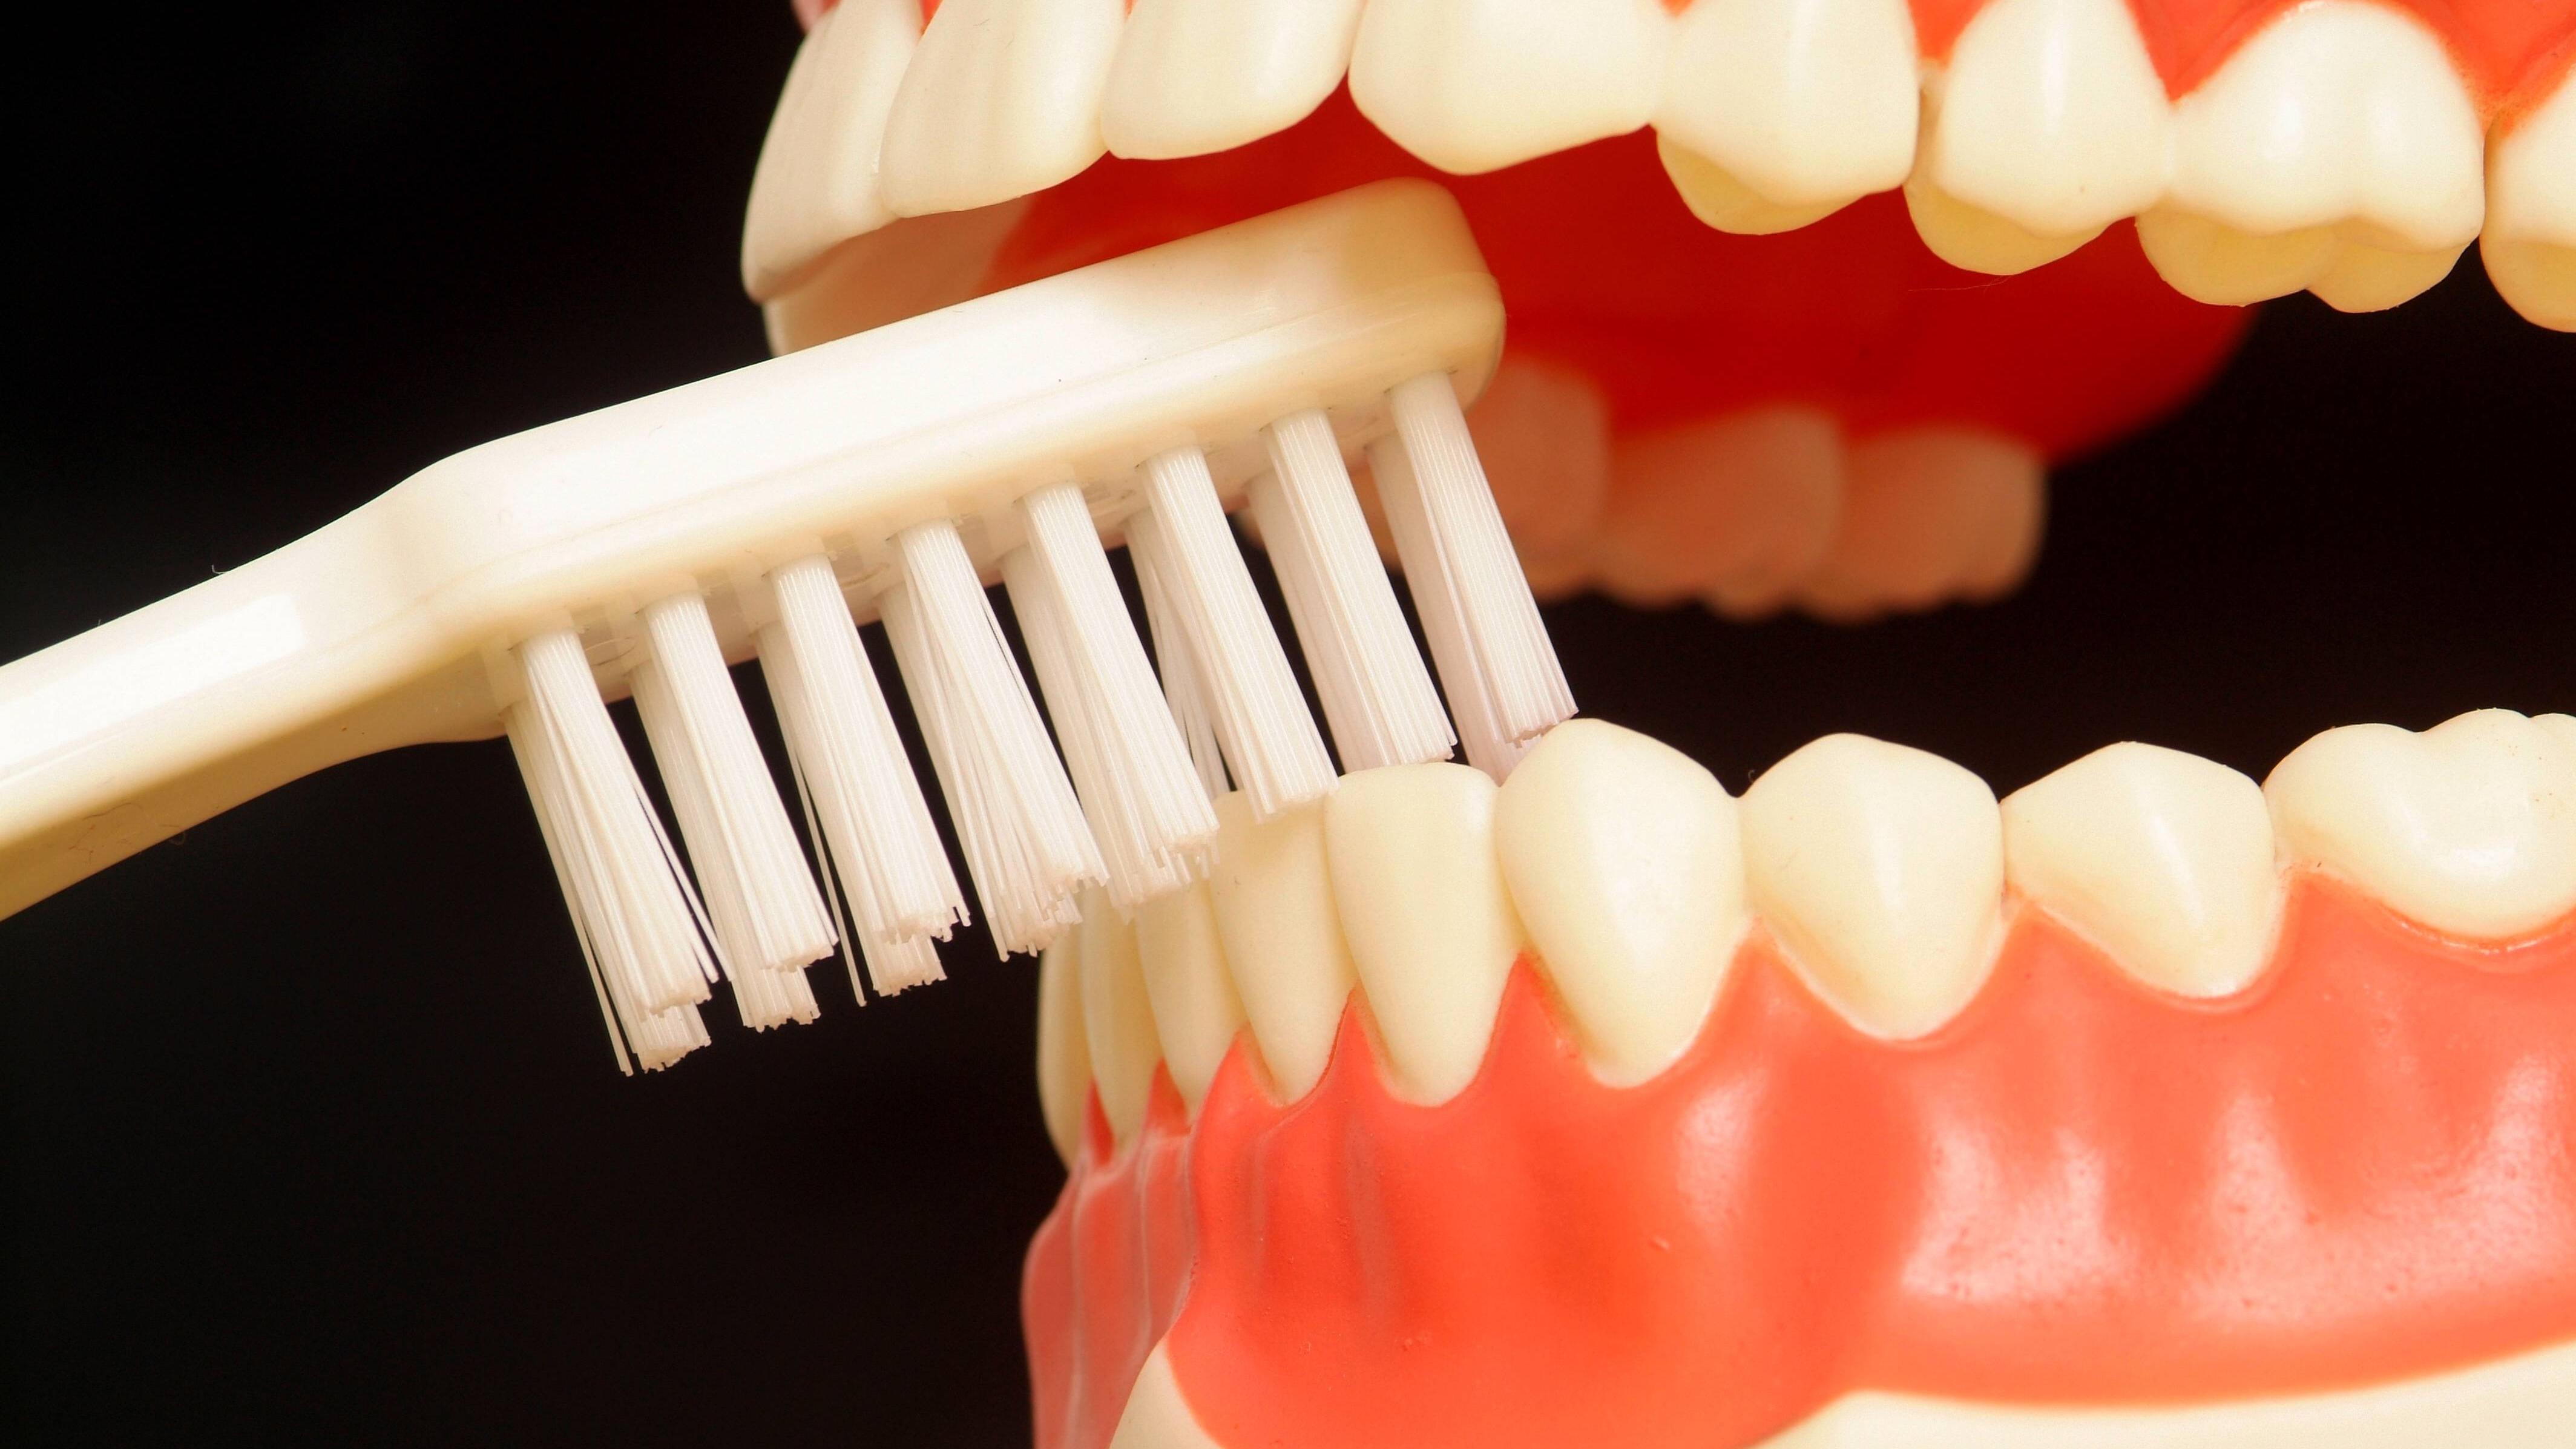 Nach der Zahnreinigung: Essen, Rauchen und mehr - so verhalten Sie sich richtig